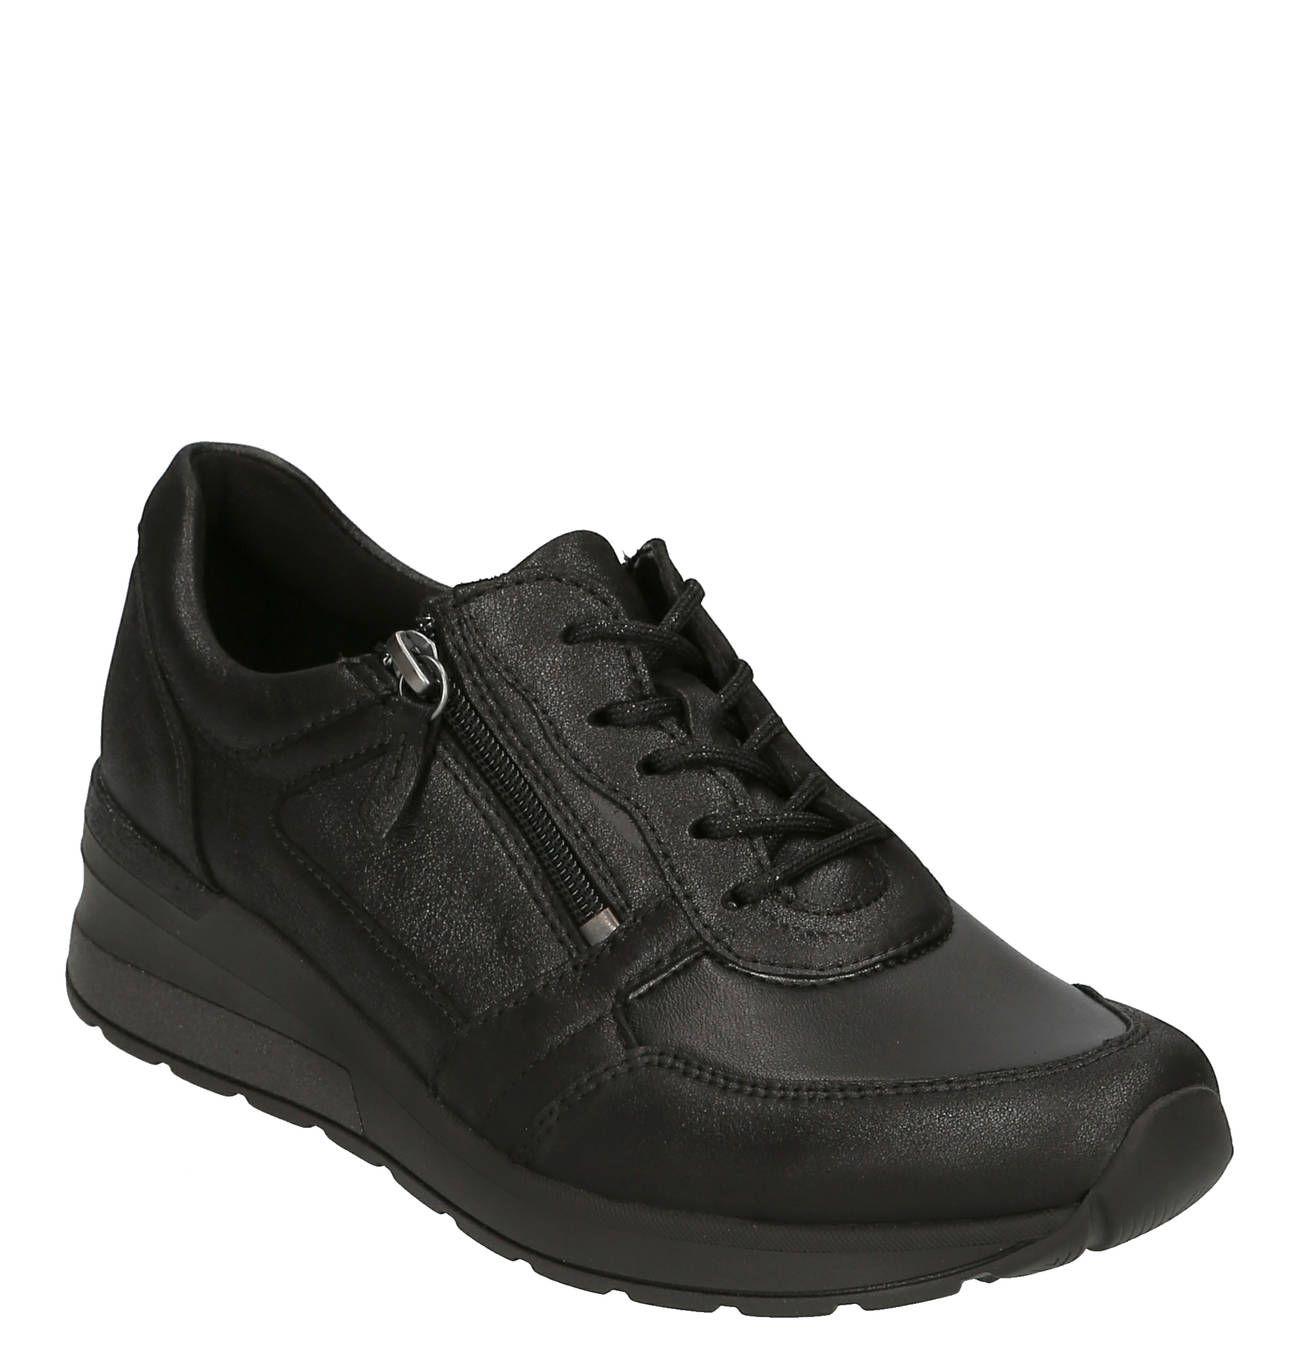 Sneaker, Leder, Reißverschluss, dezente Glitzer Details